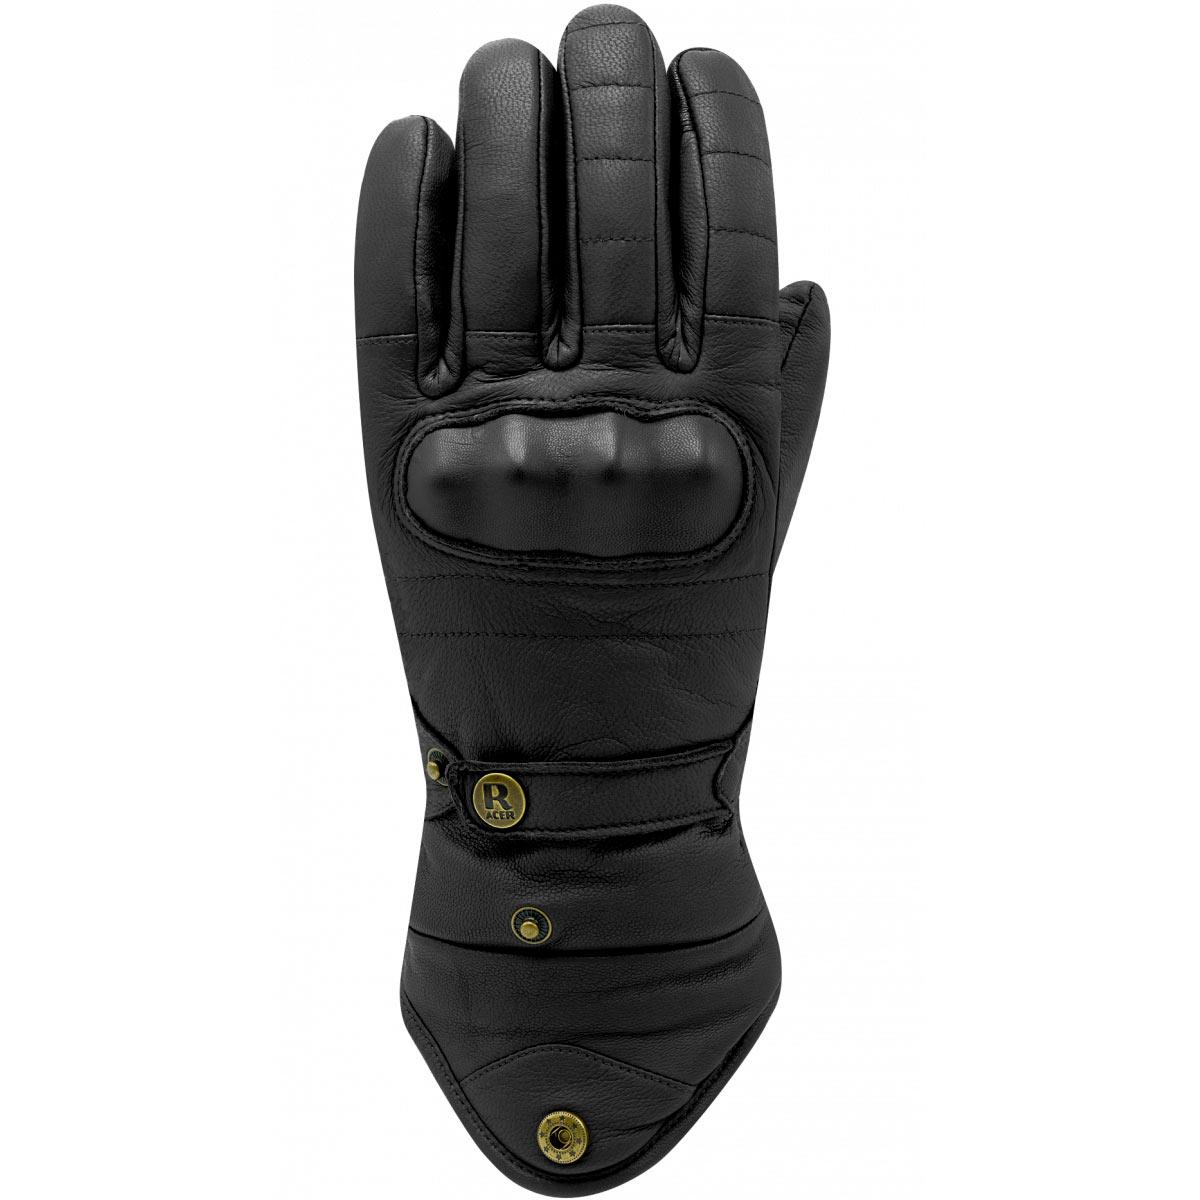 Racer Flynn 3 Glove - Black